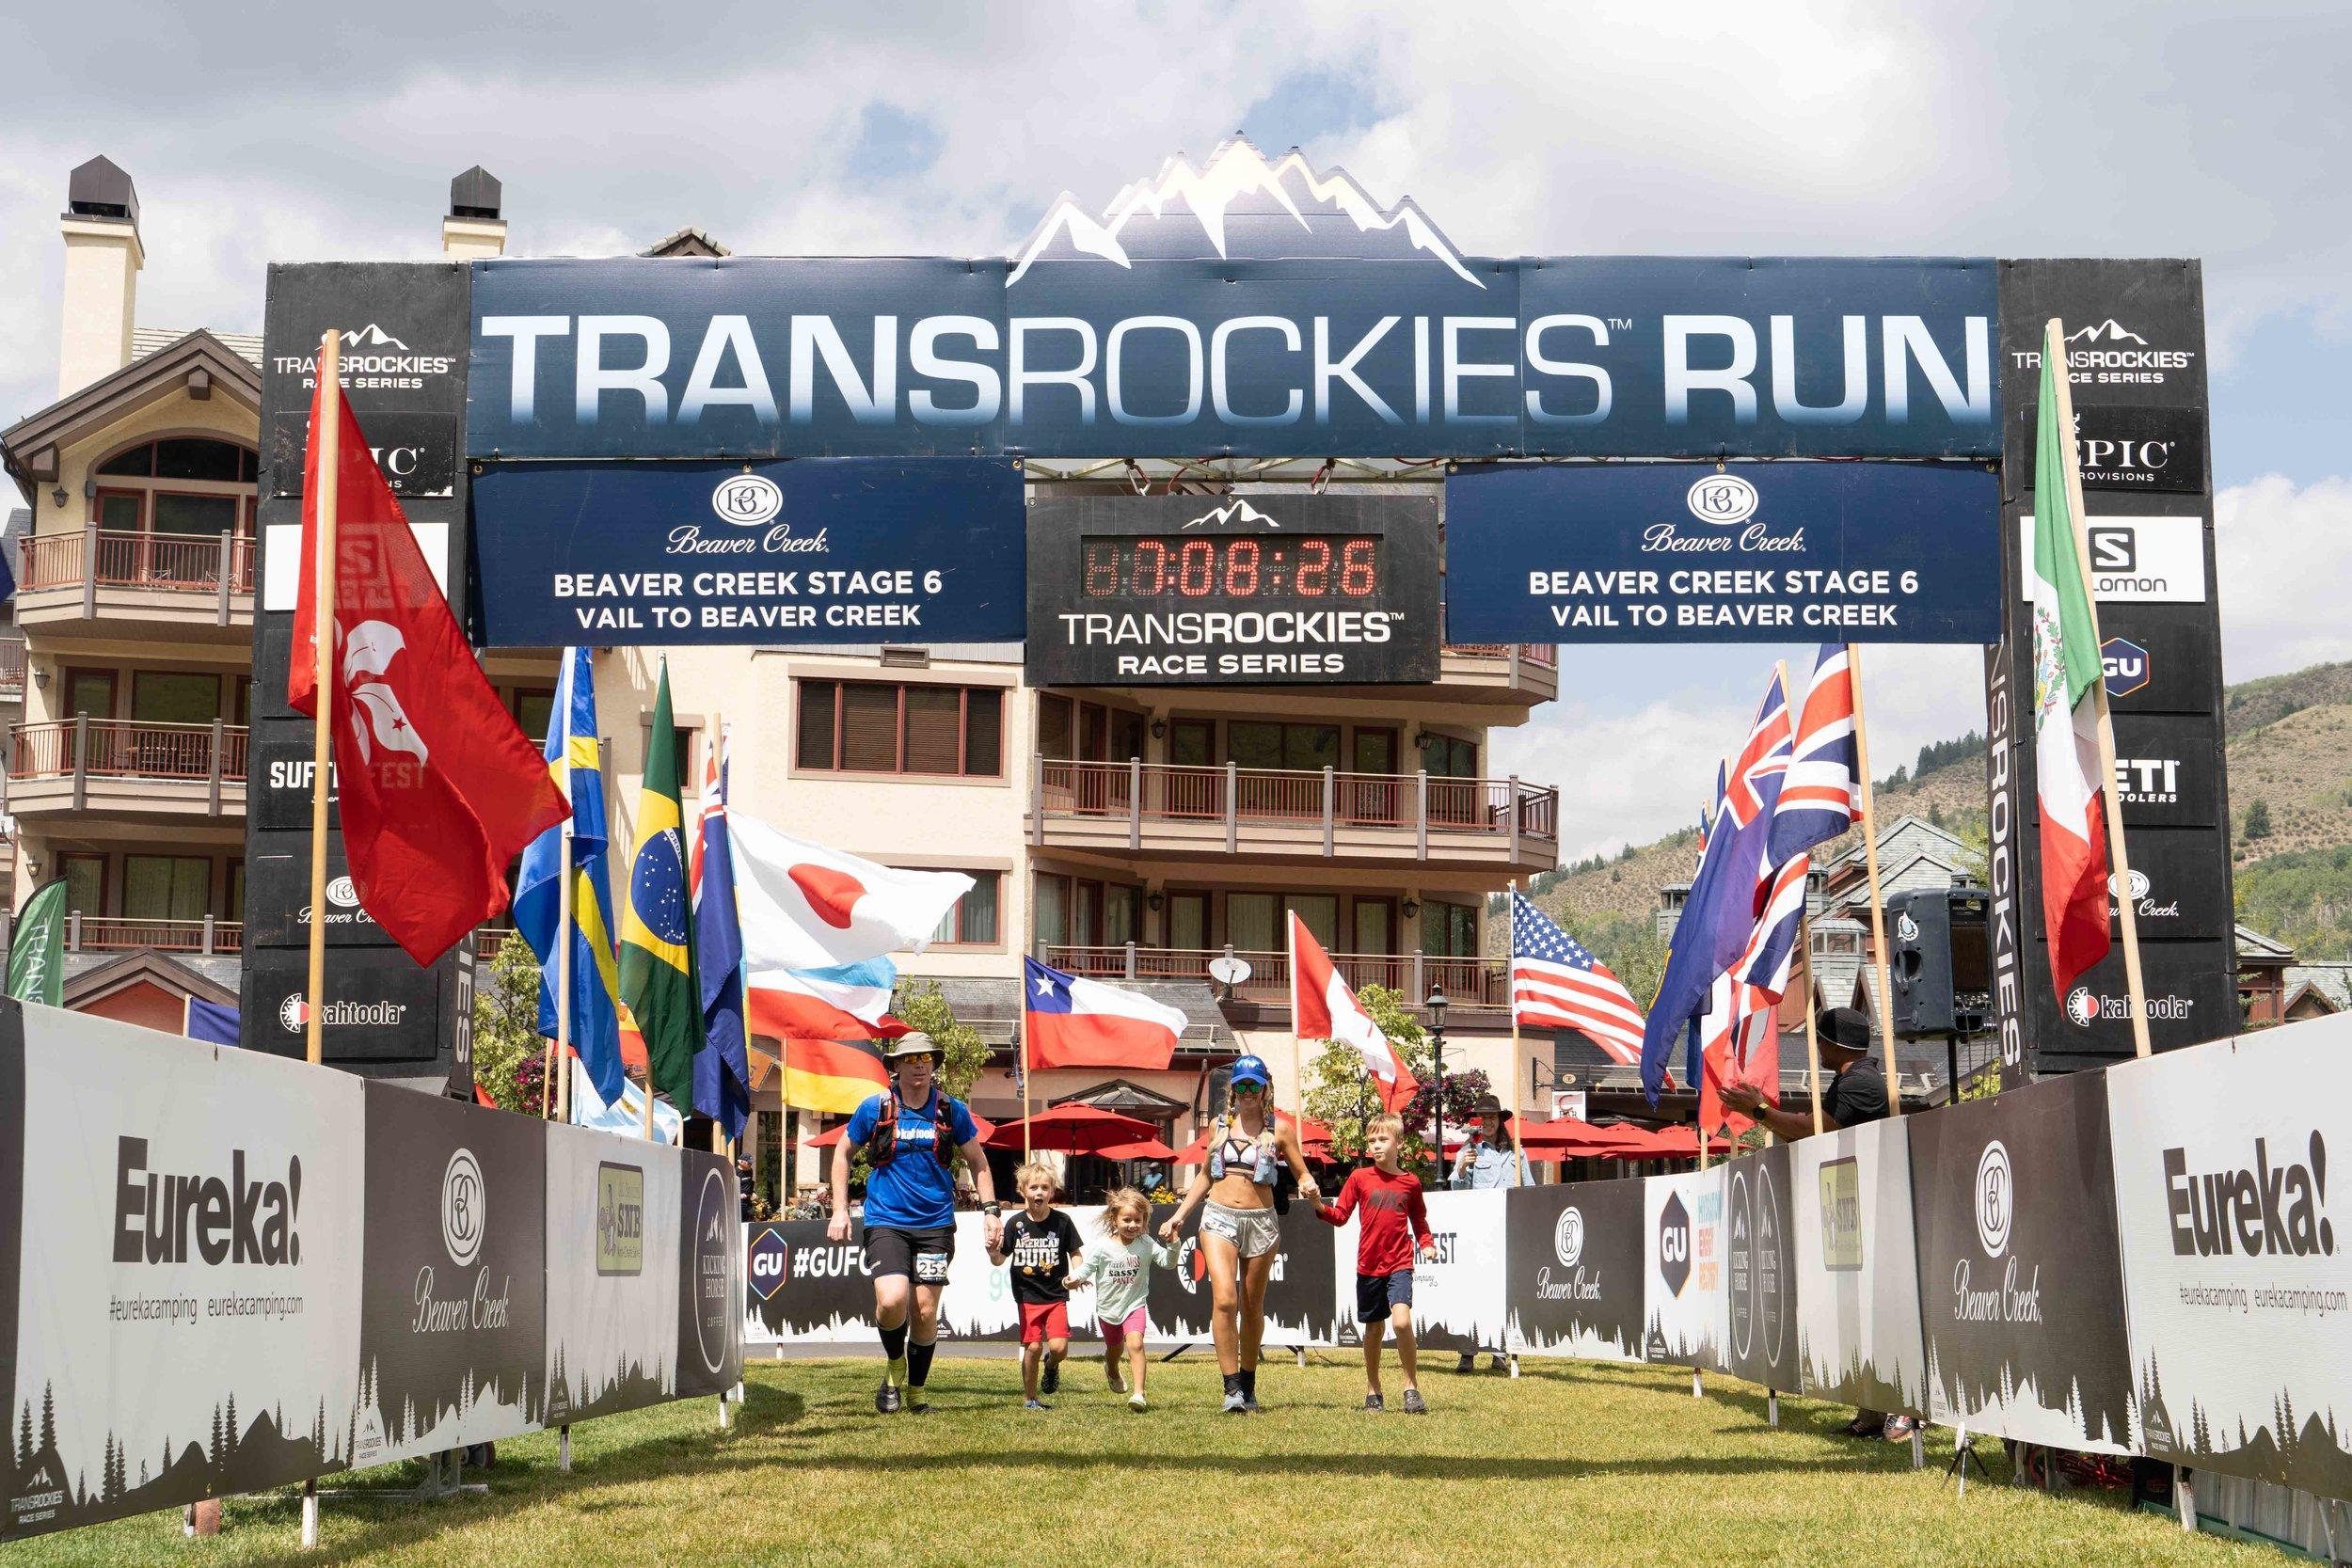 2018 TransRockies Stage 6 Presented By Beaver Creek (Myke Hermsmeyer)97.jpg